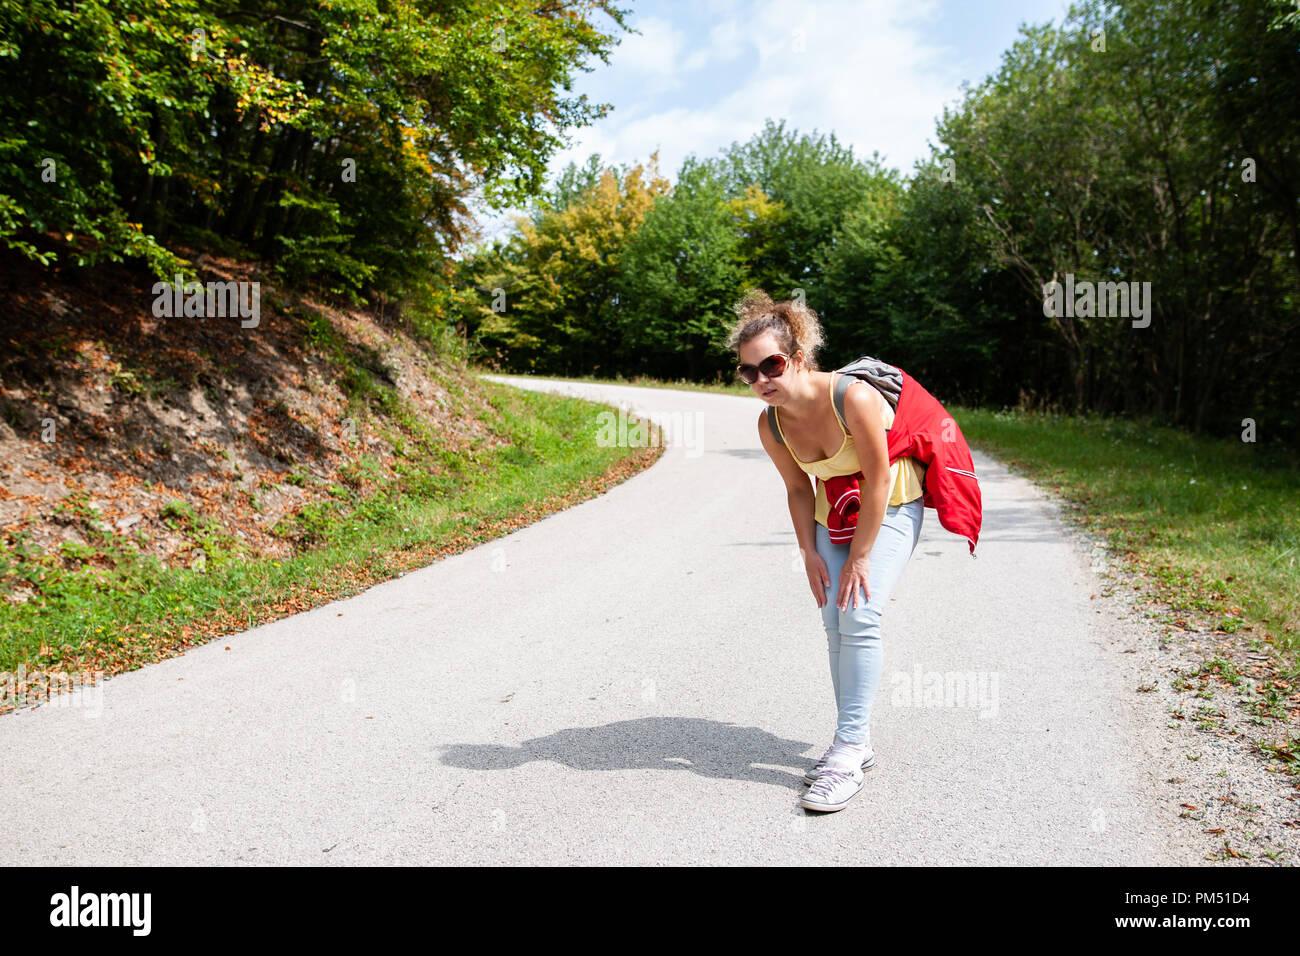 Mujer del viajero cansado y le dolían las piernas de la pérdida de su camino en el bosque en verano Imagen De Stock